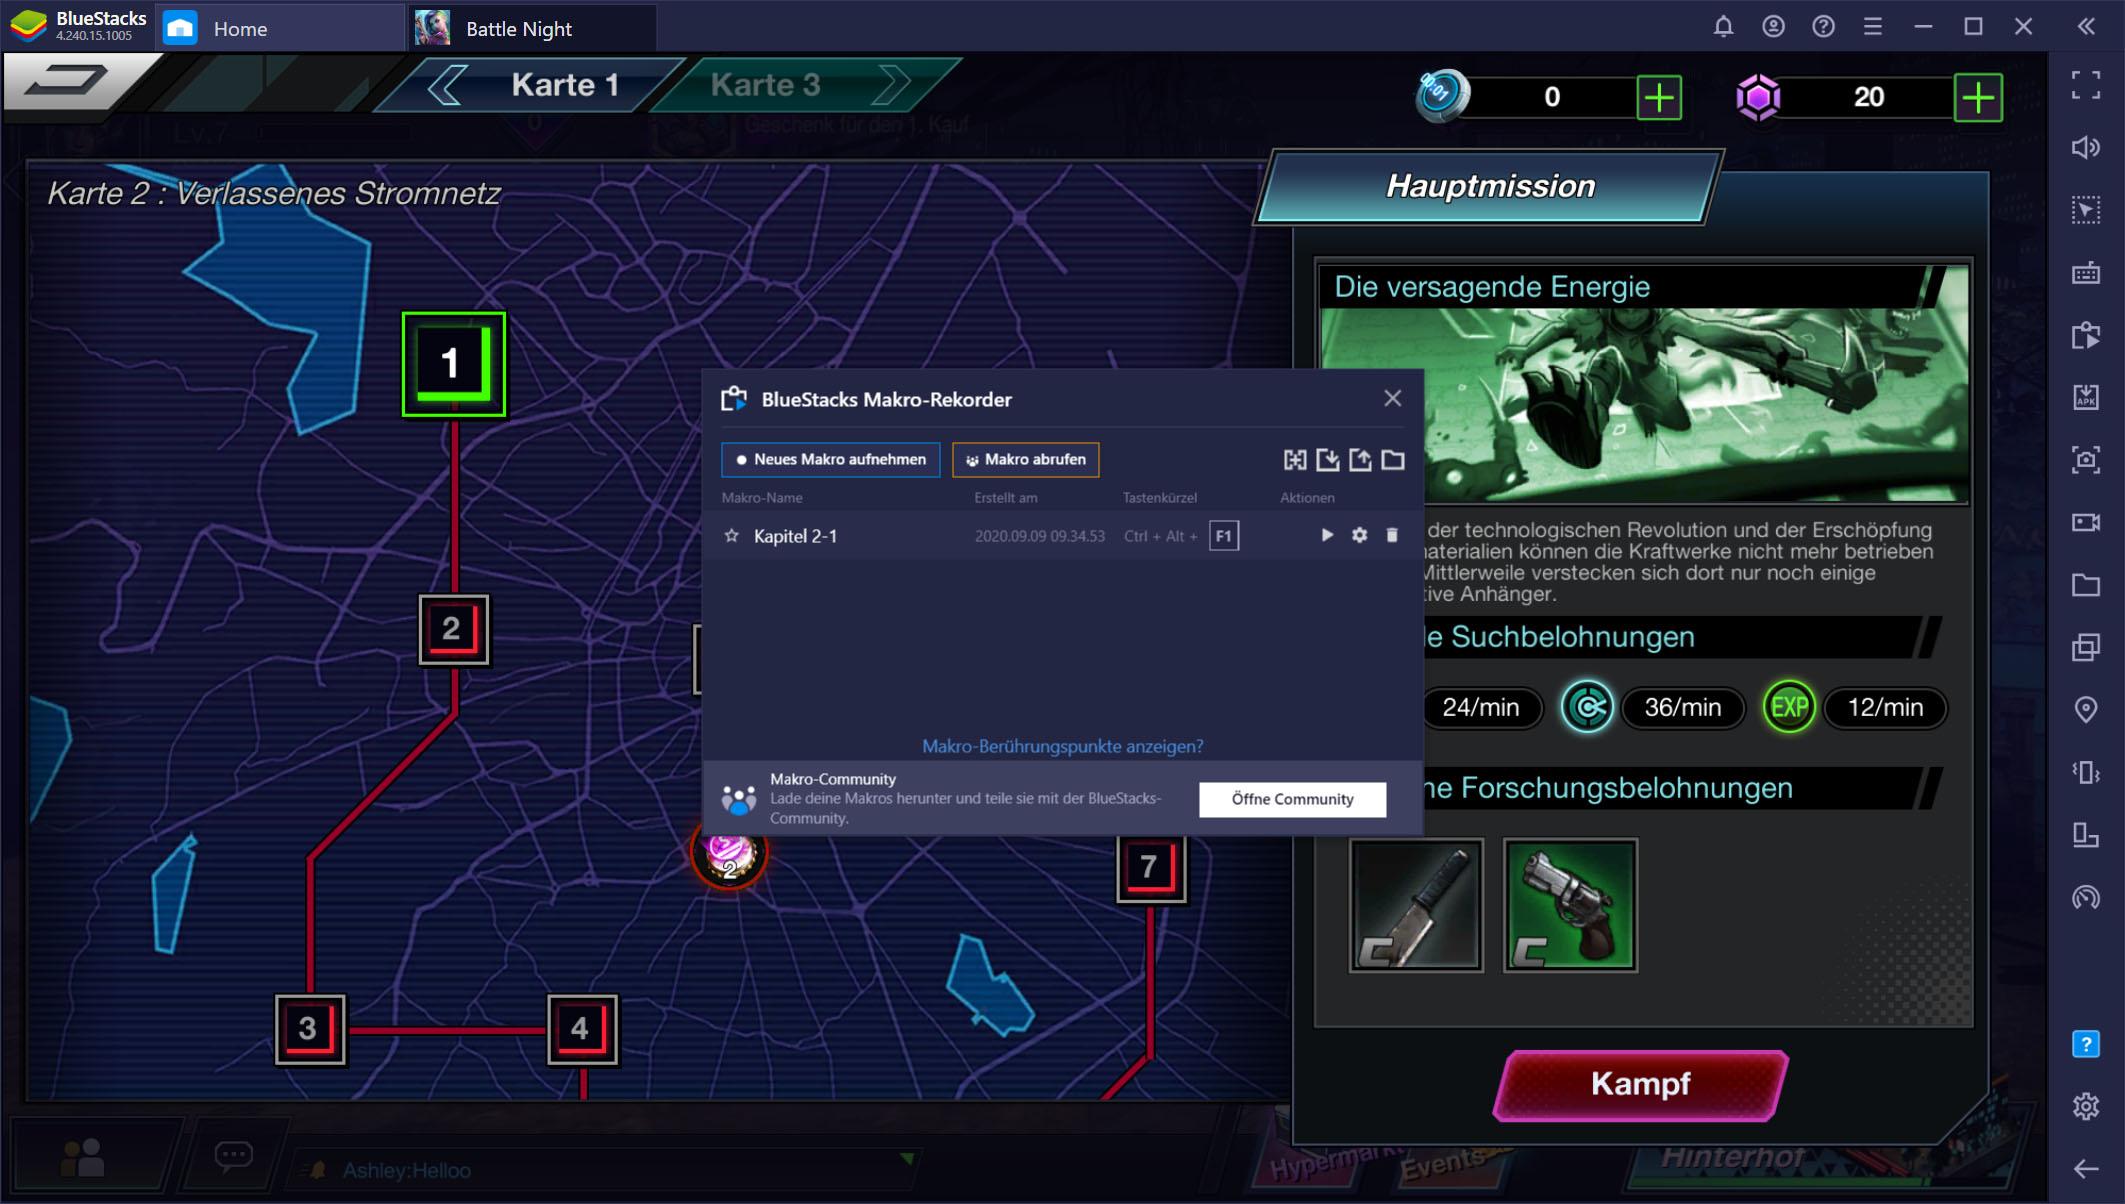 Battle Night: Cyber Squad – Verwende unsere BlueStacks-Werkzeuge, um deine Feinde Runde für Runde zu besiegen